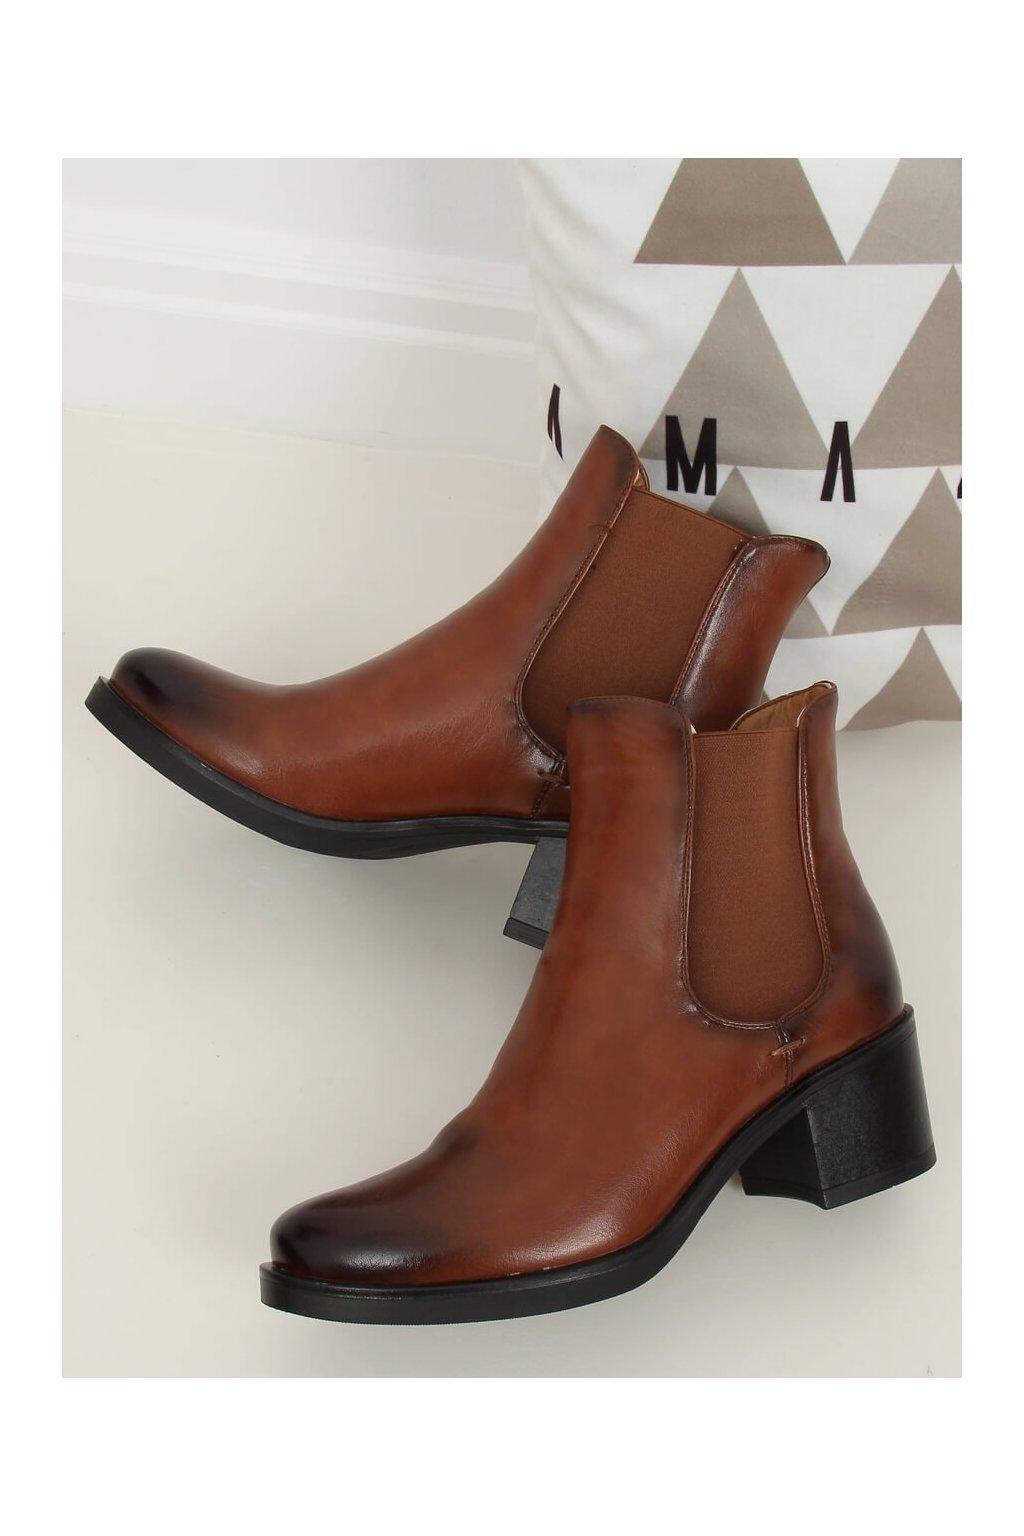 Dámske členkové topánky hnedé na širokom podpätku AT673-6